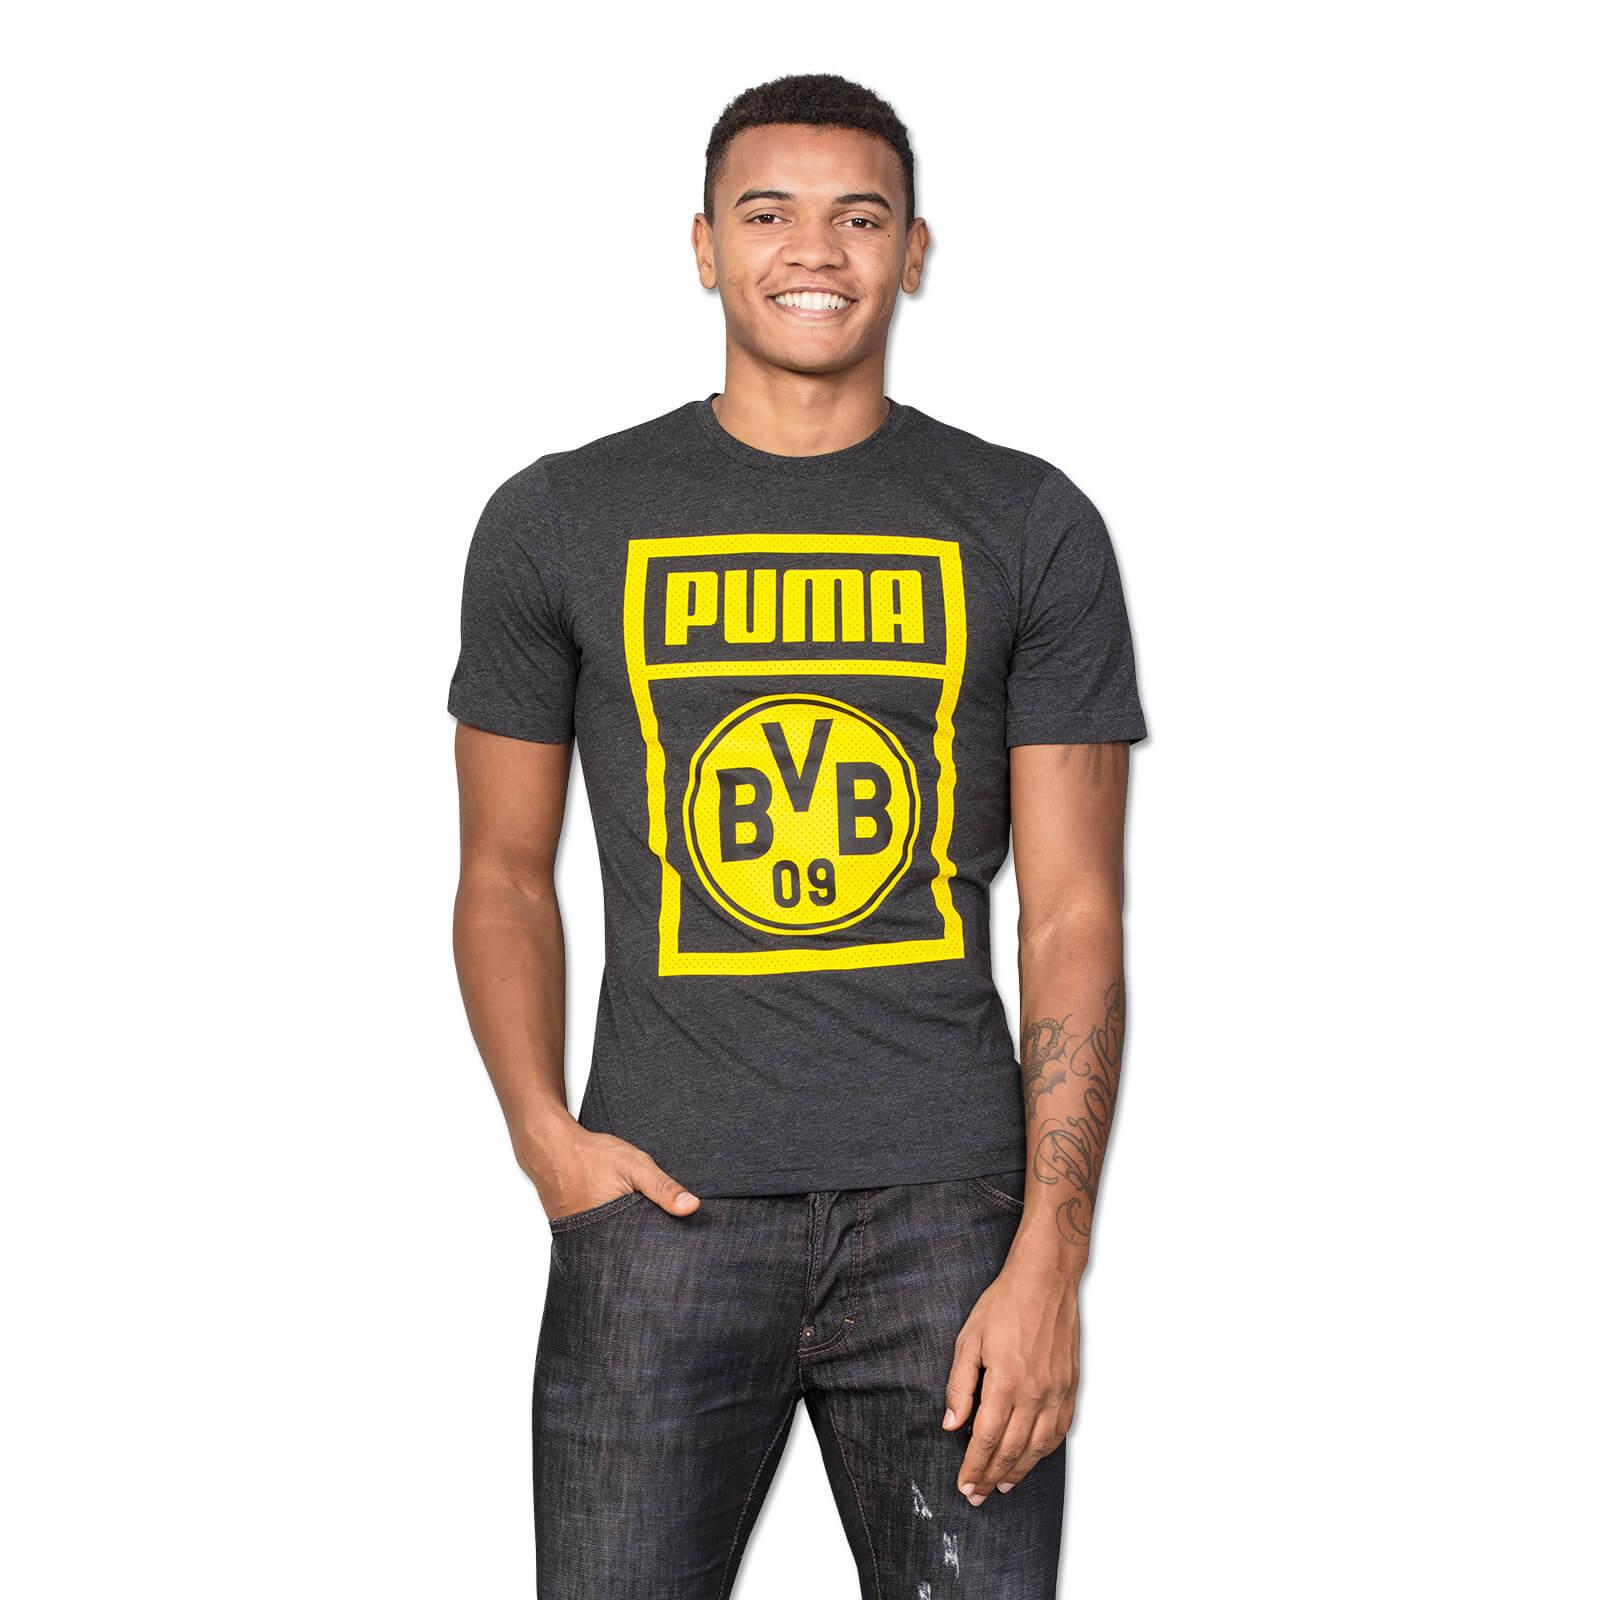 bvb puma t shirt grau shirts herren offizieller bvb online fanshop. Black Bedroom Furniture Sets. Home Design Ideas